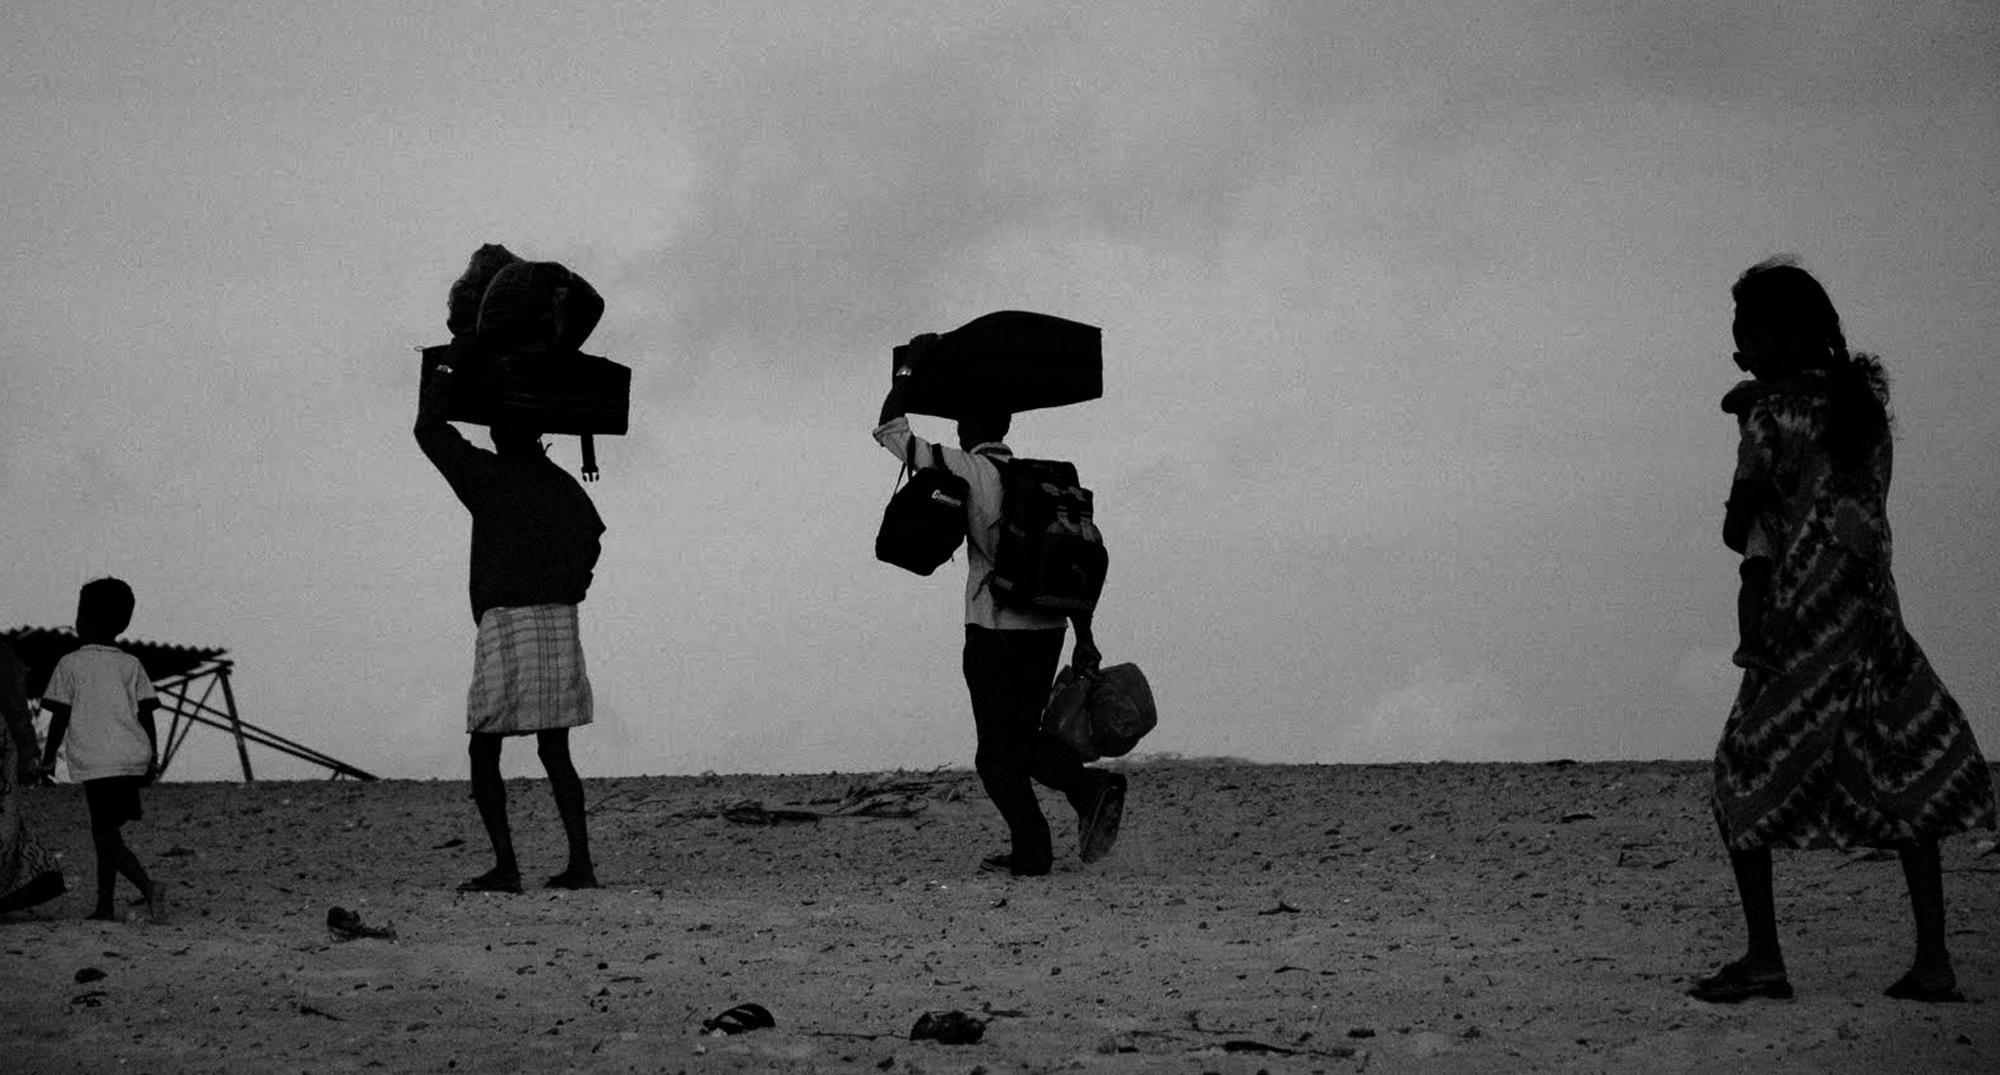 Con 8 studi legali per i migranti che subiscono violazioni alle frontiere